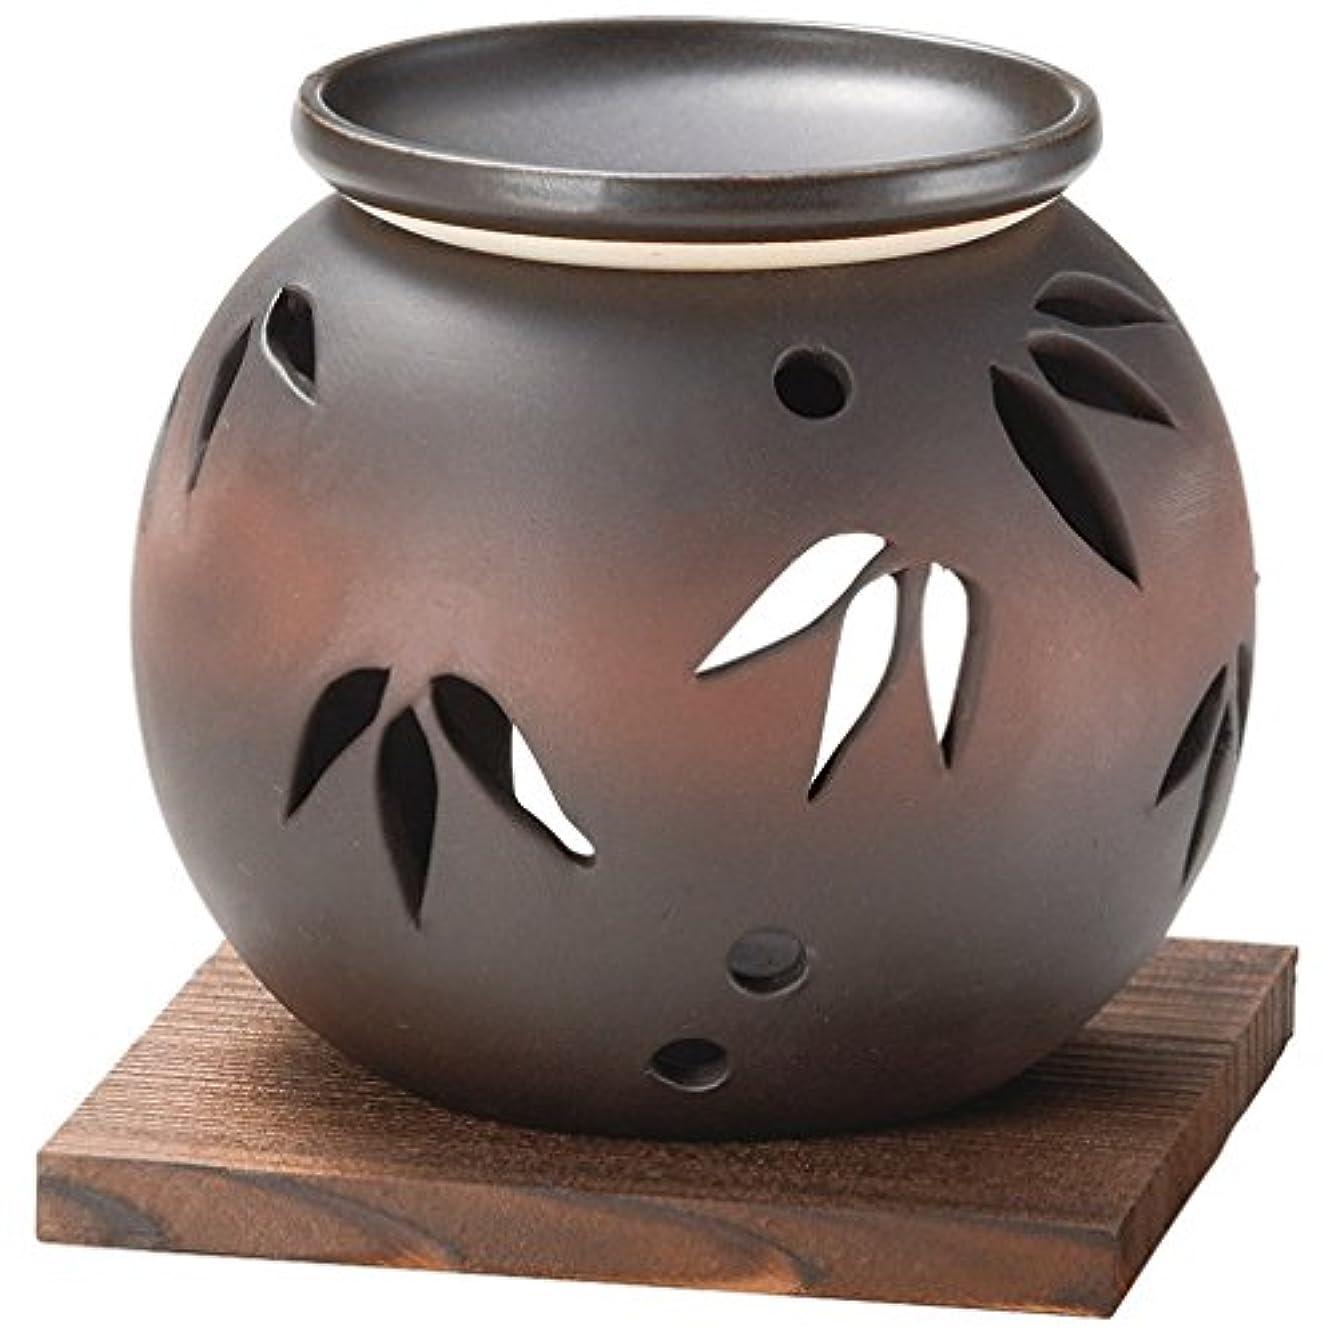 承認国スチュワーデス山下工芸 常滑焼 茶窯変笹透かし茶香炉 11×11.5×11.5cm 13045620